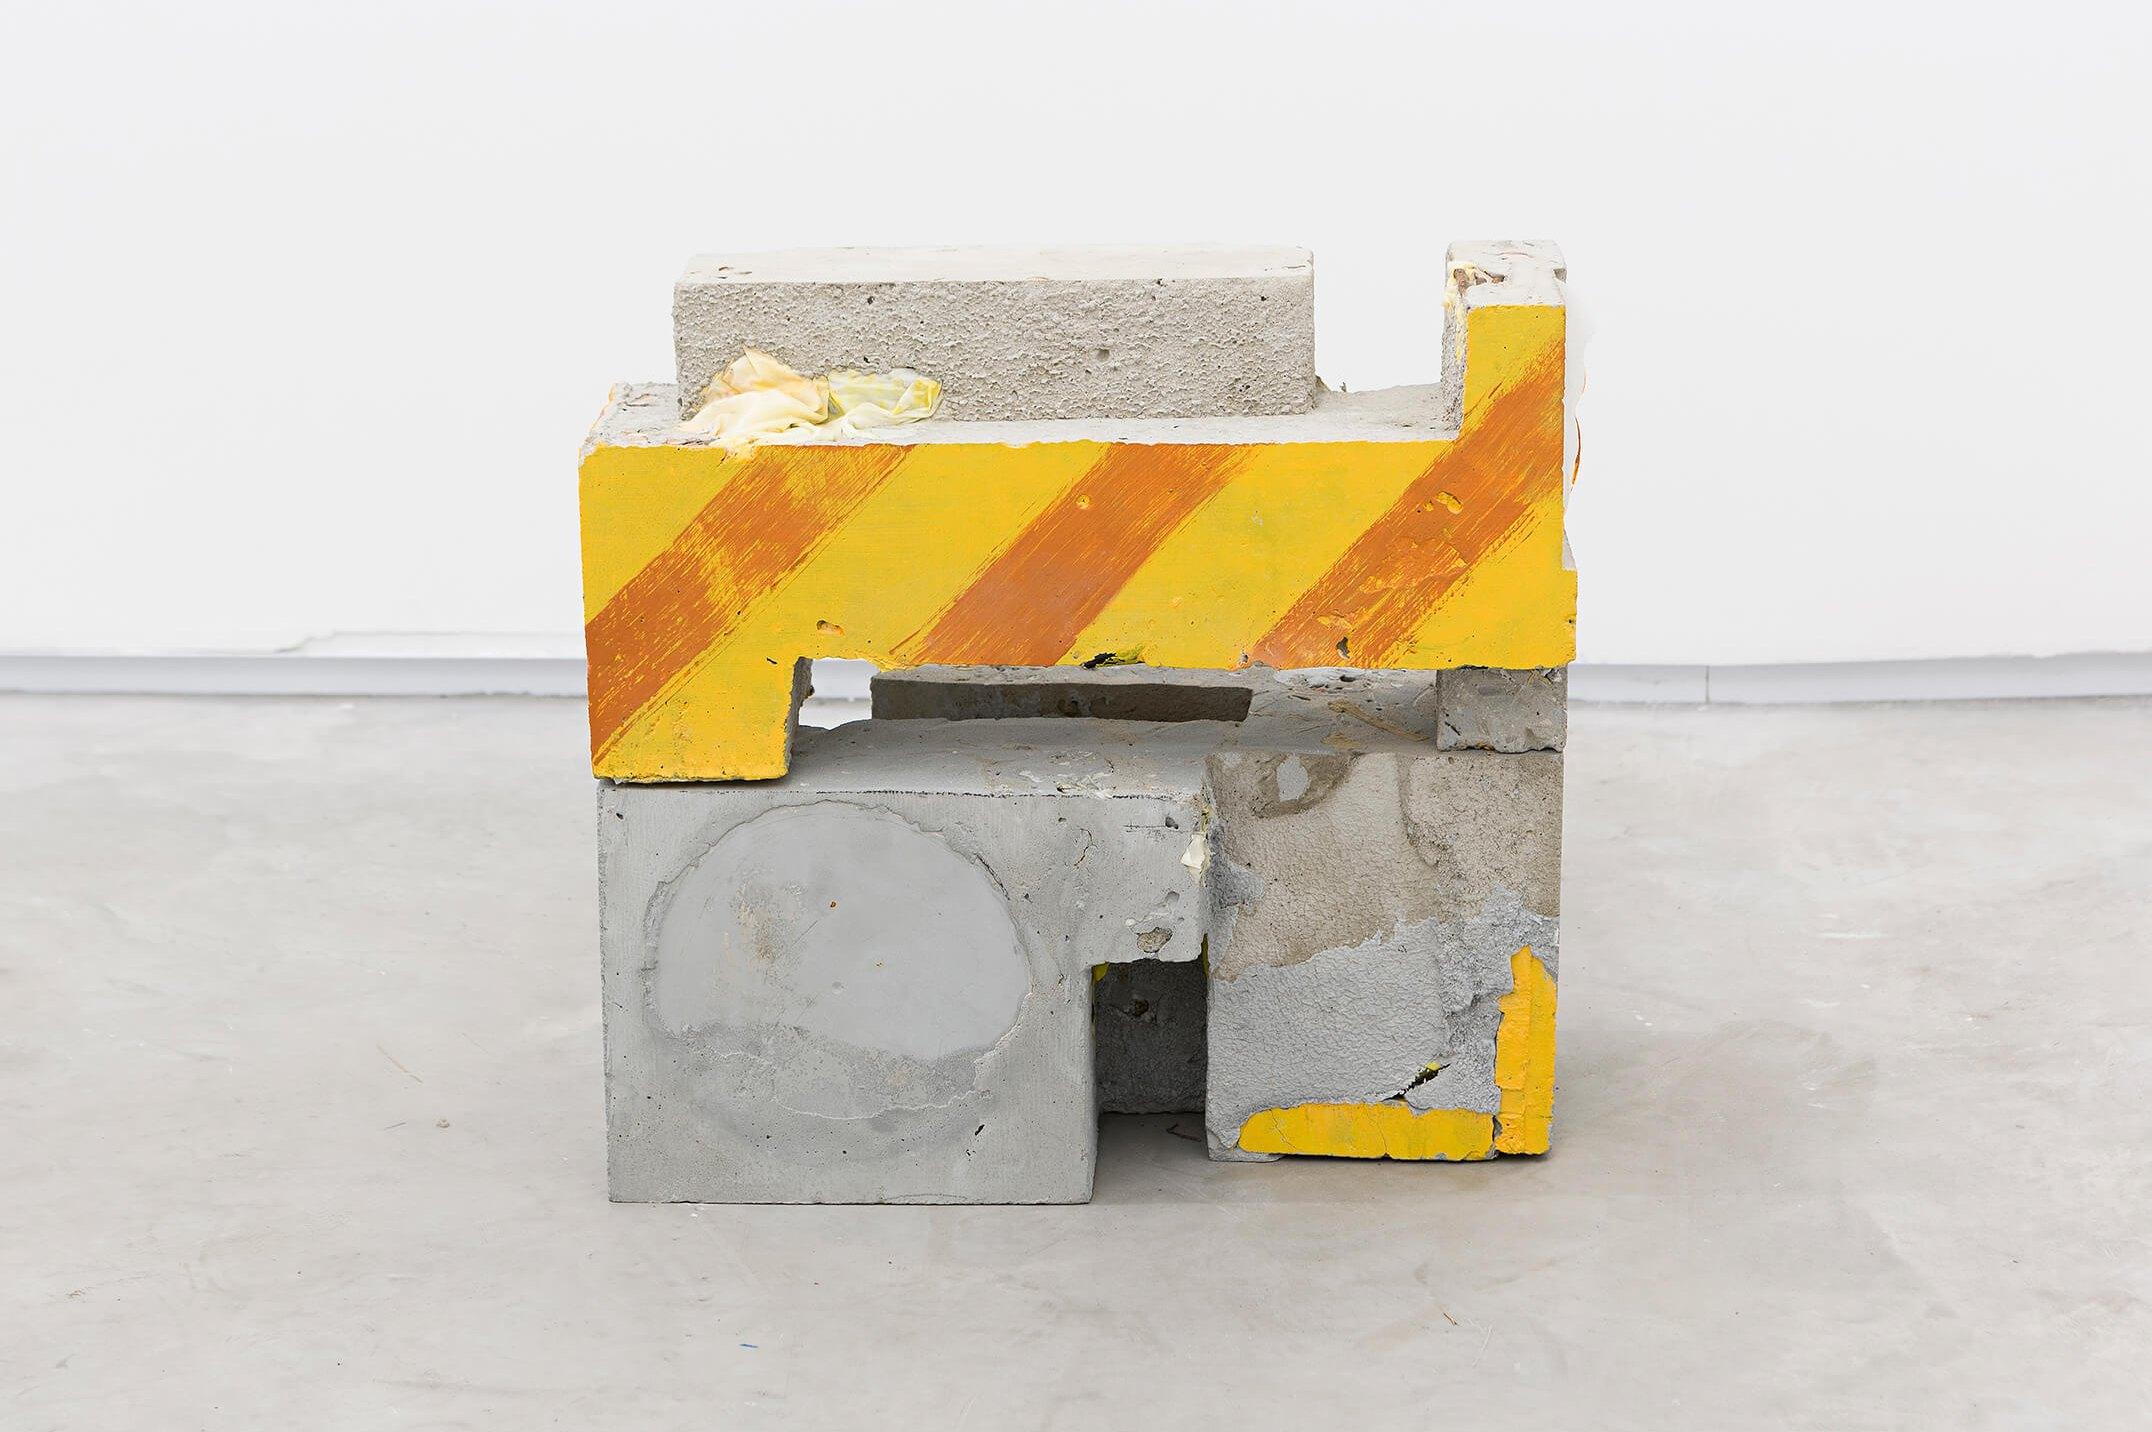 Allyson Vieira, <em>Block 7, Block 11</em>, 2015, concrete, <em>Worker</em> scraps, concrete blocks, 39 × 34 × 19 cm - Mendes Wood DM